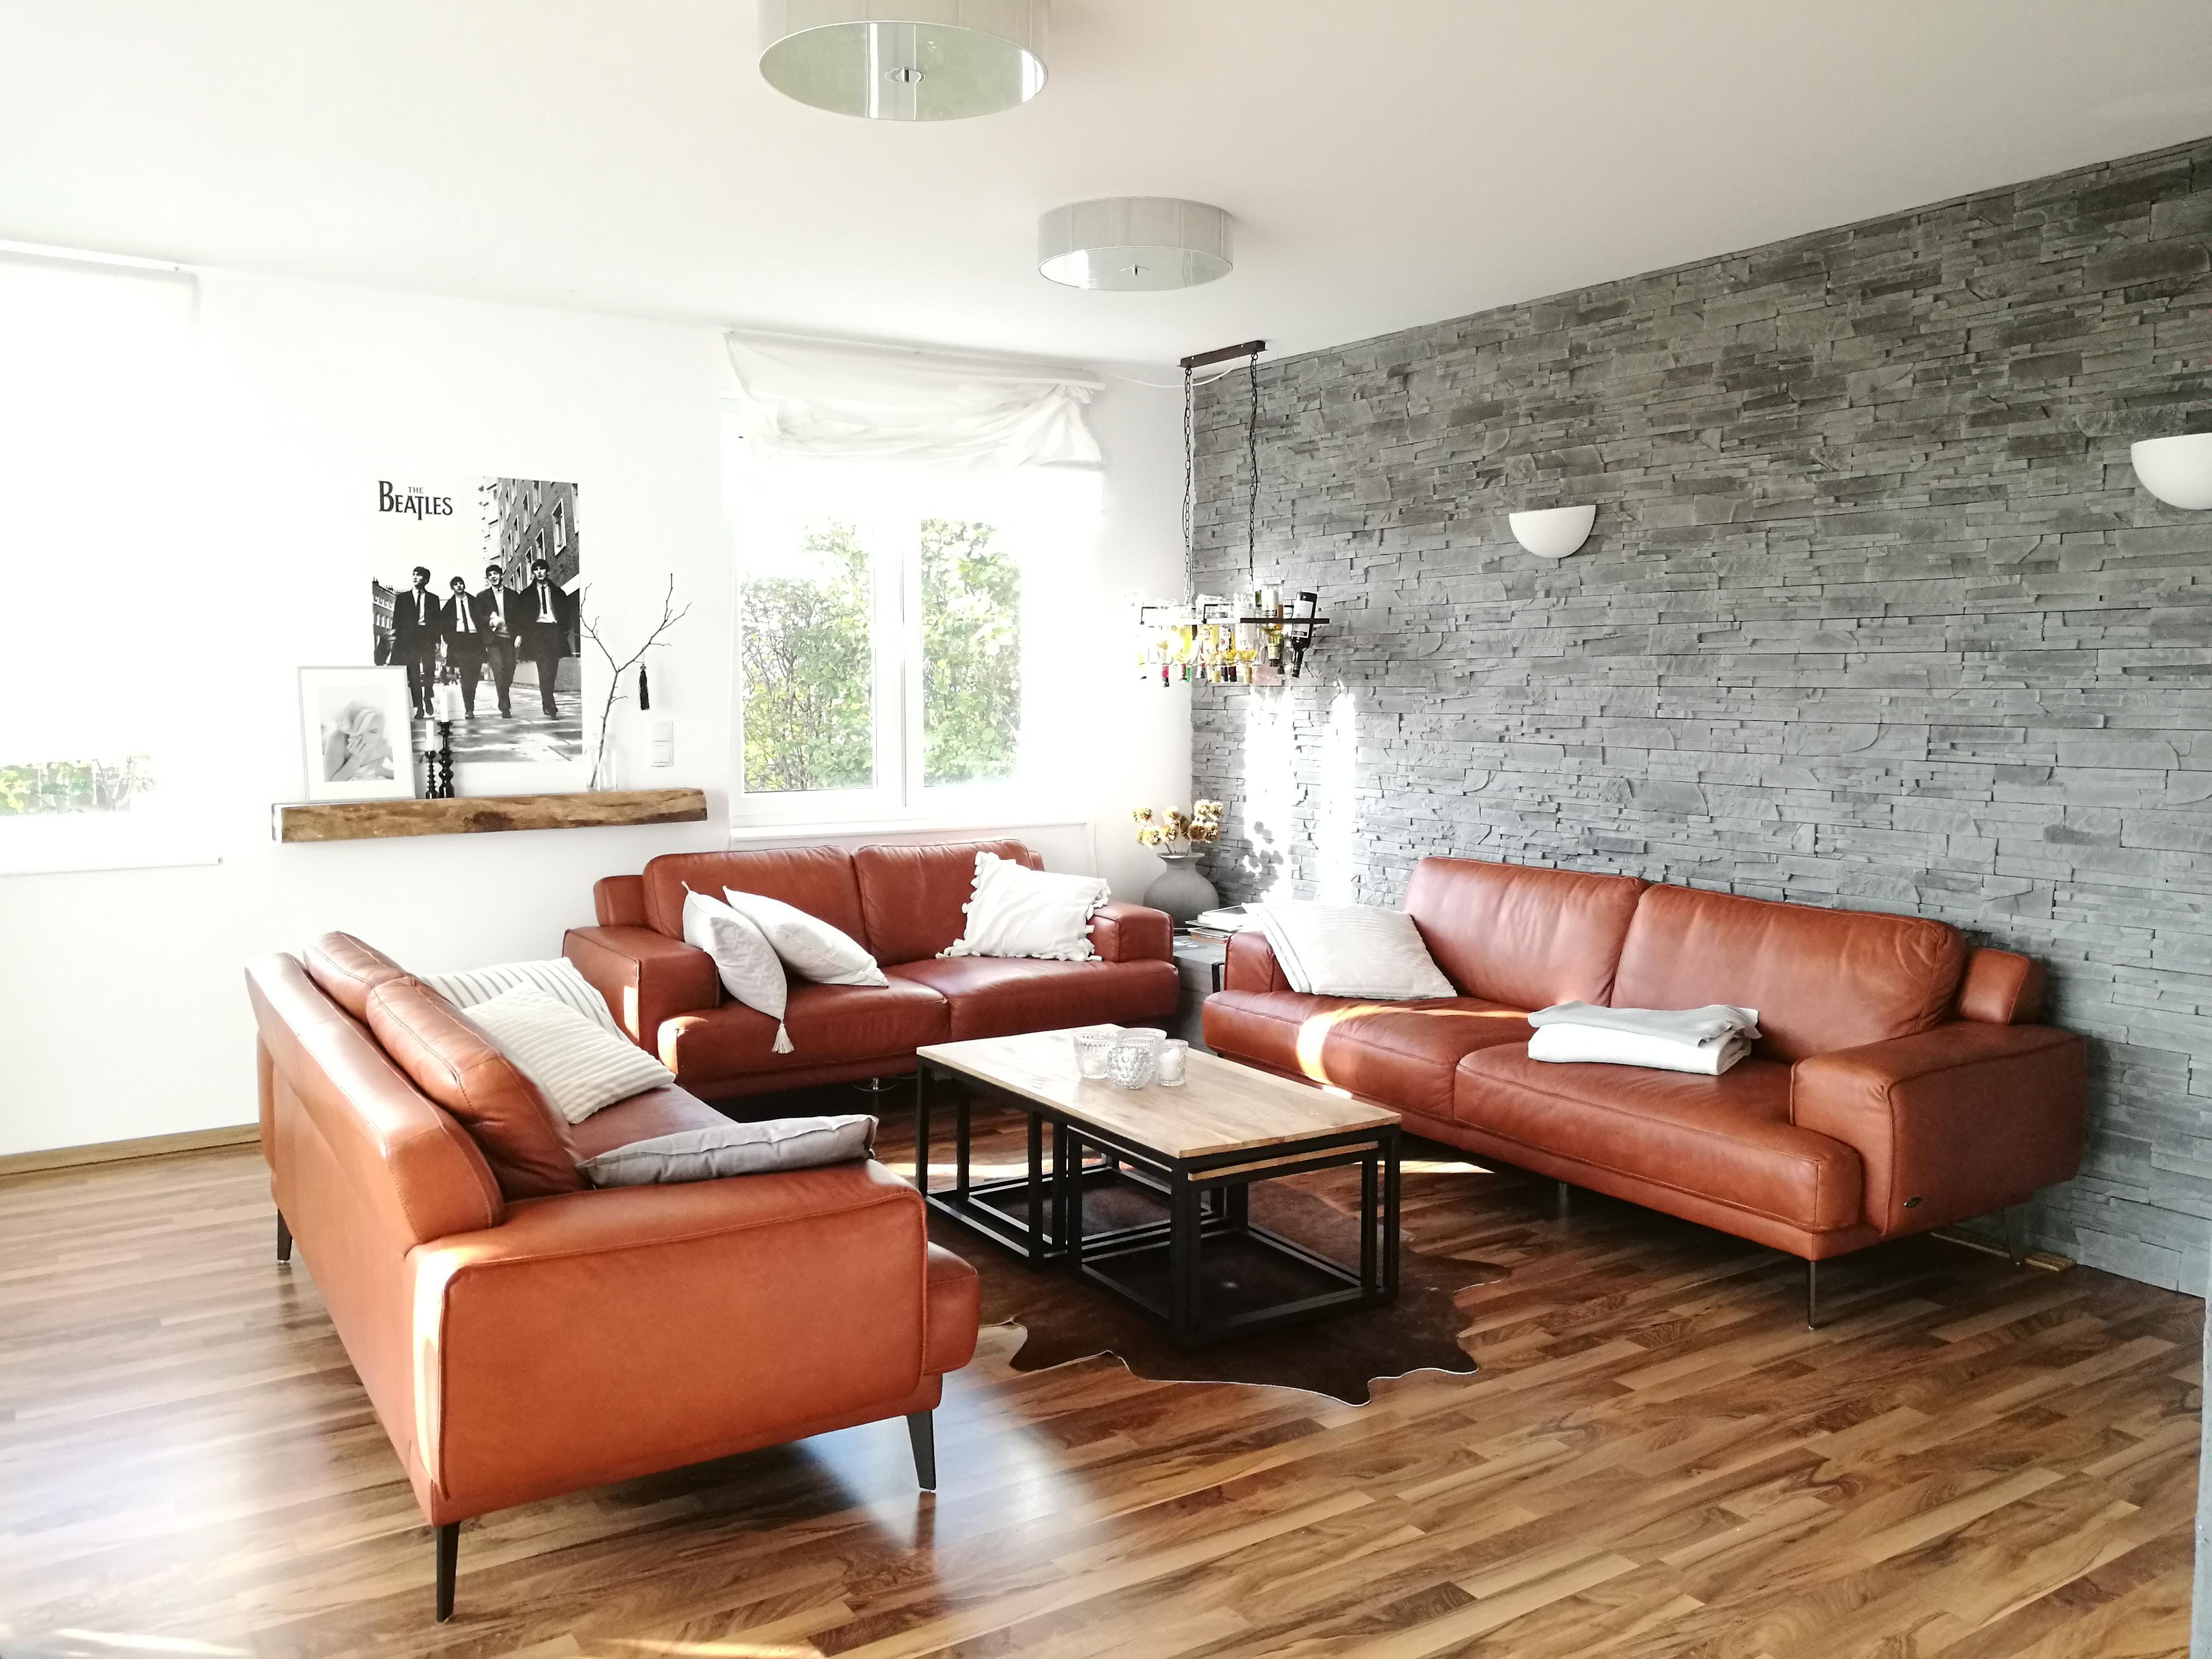 Sitzecke Bilder Ideen COUCHstyle - Sitzecken wohnzimmer